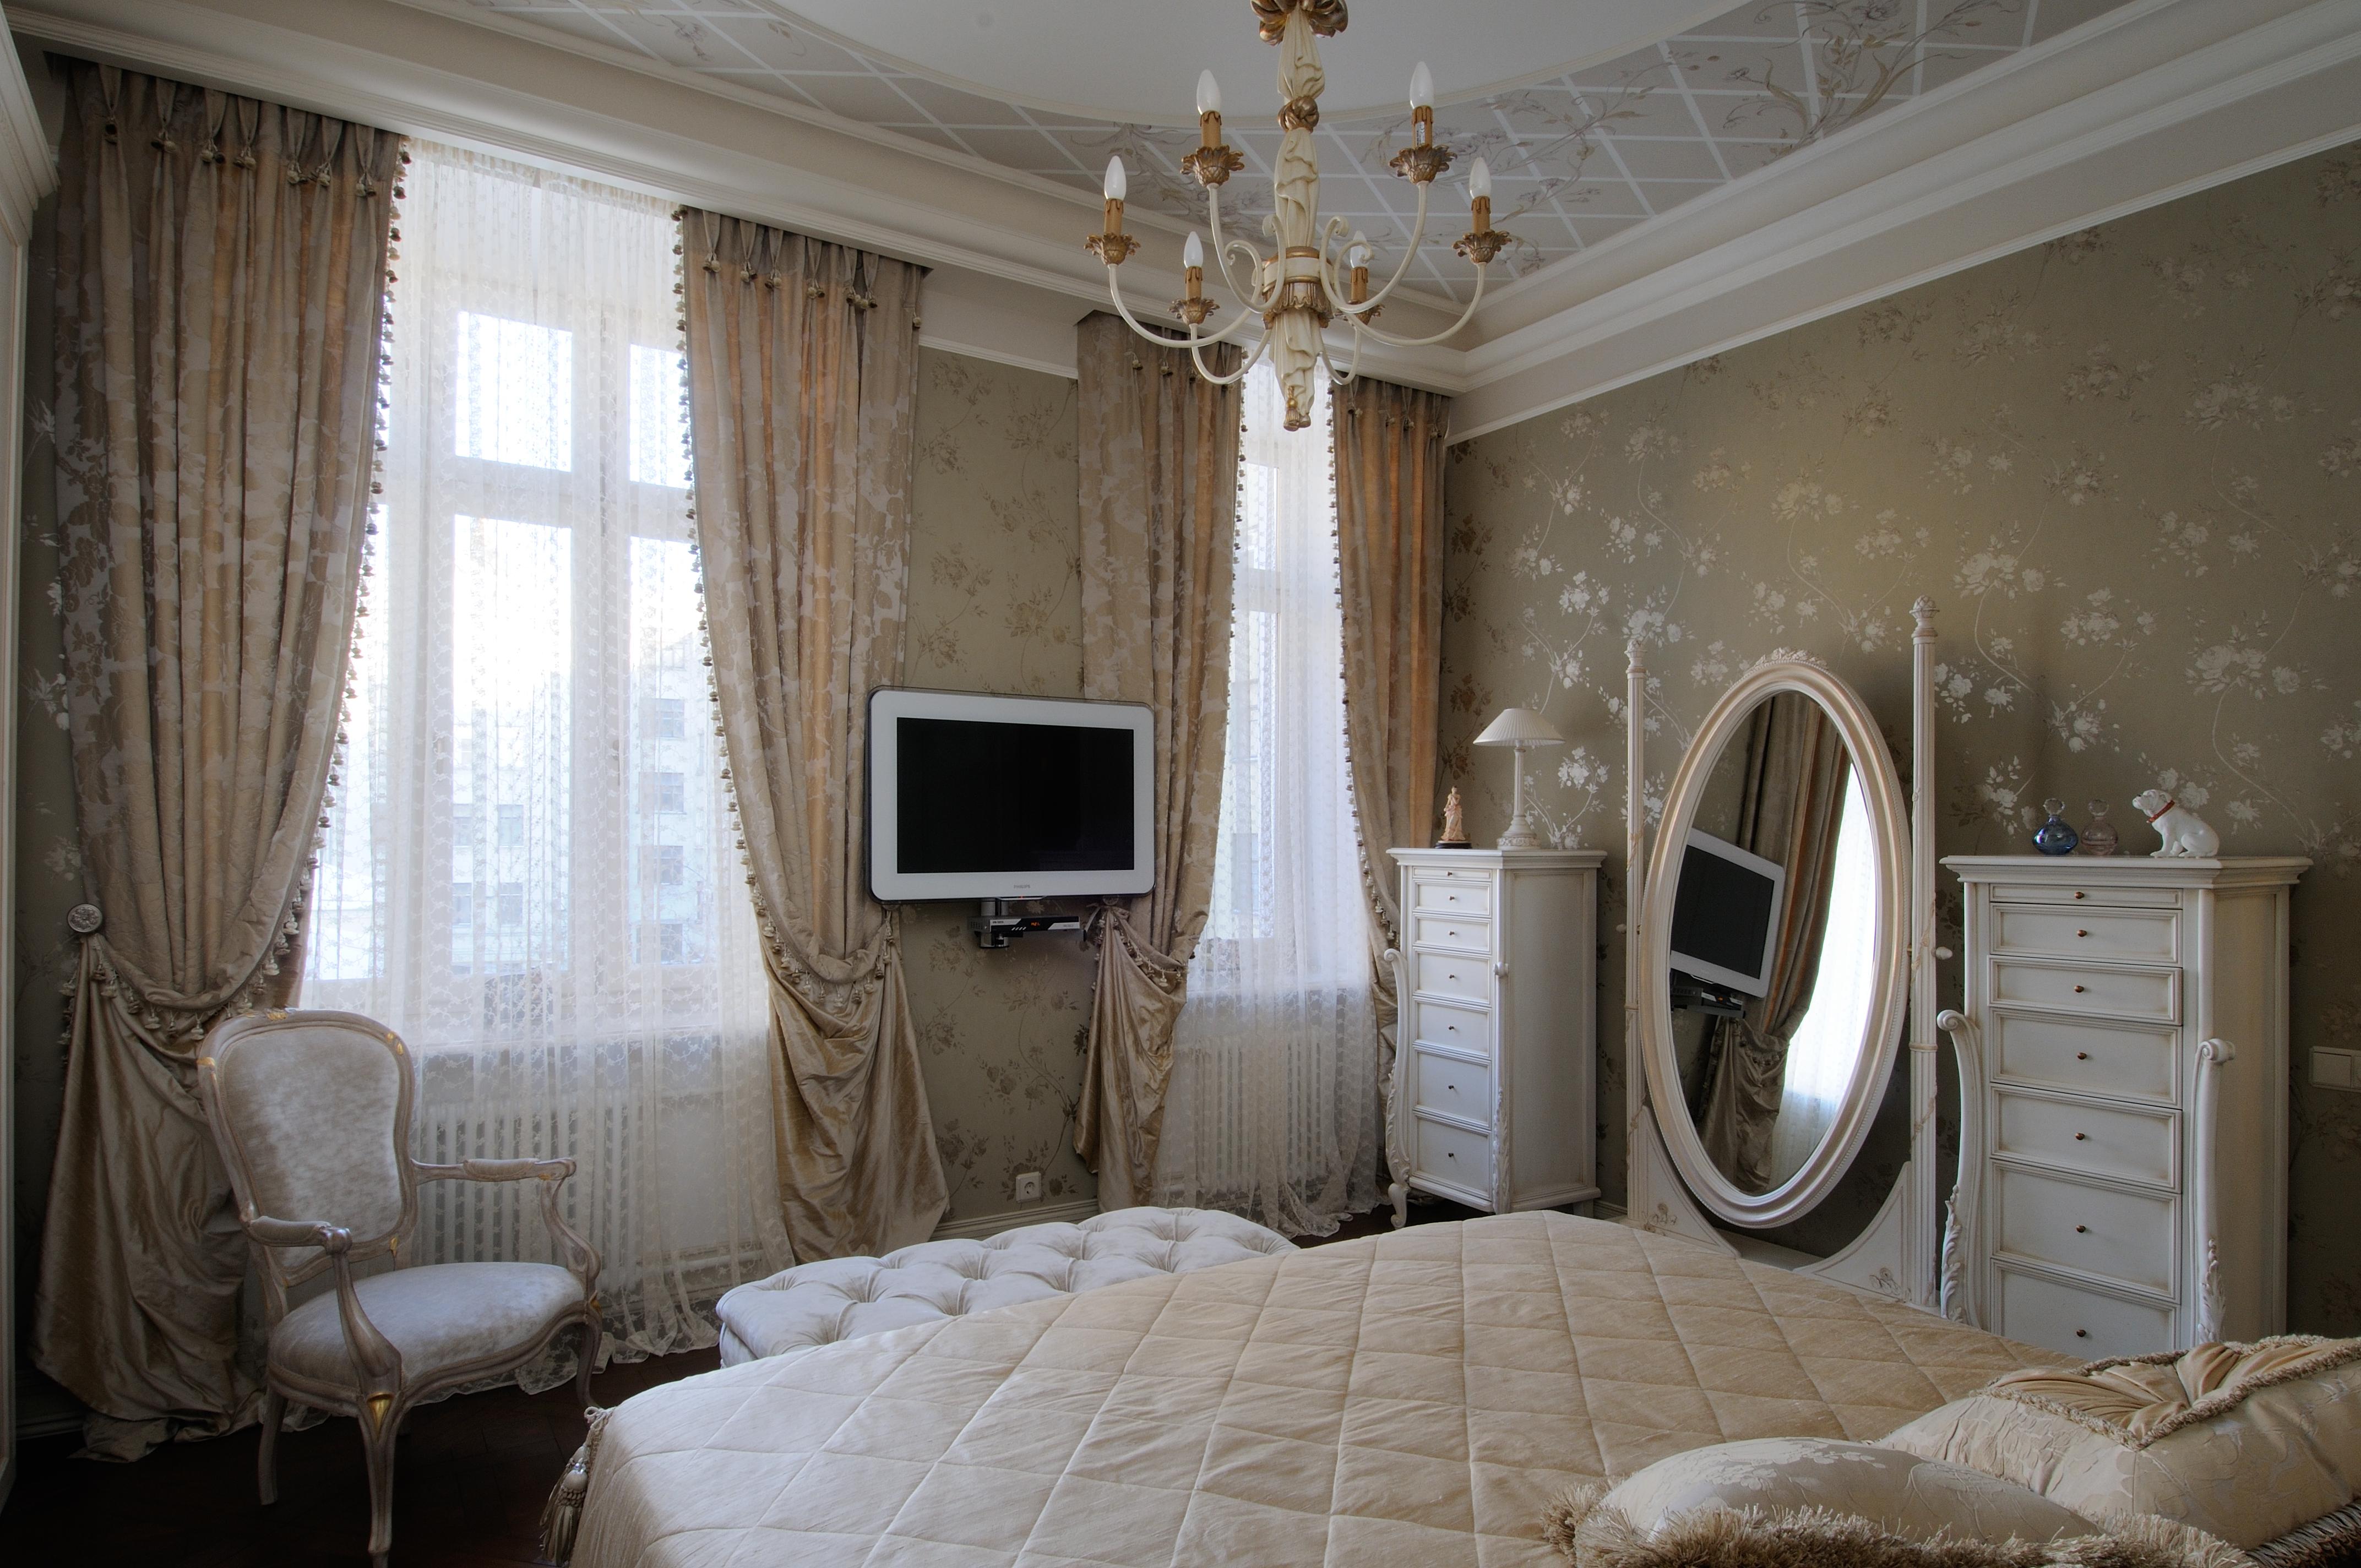 Подобные же ассоциации вызывает роспись потолков, в которой интерпретируются мотивы трельяжной решётки (спальня хозяев), а также изящные цветочные рисунки на стекле, созданные отечественным мастером.